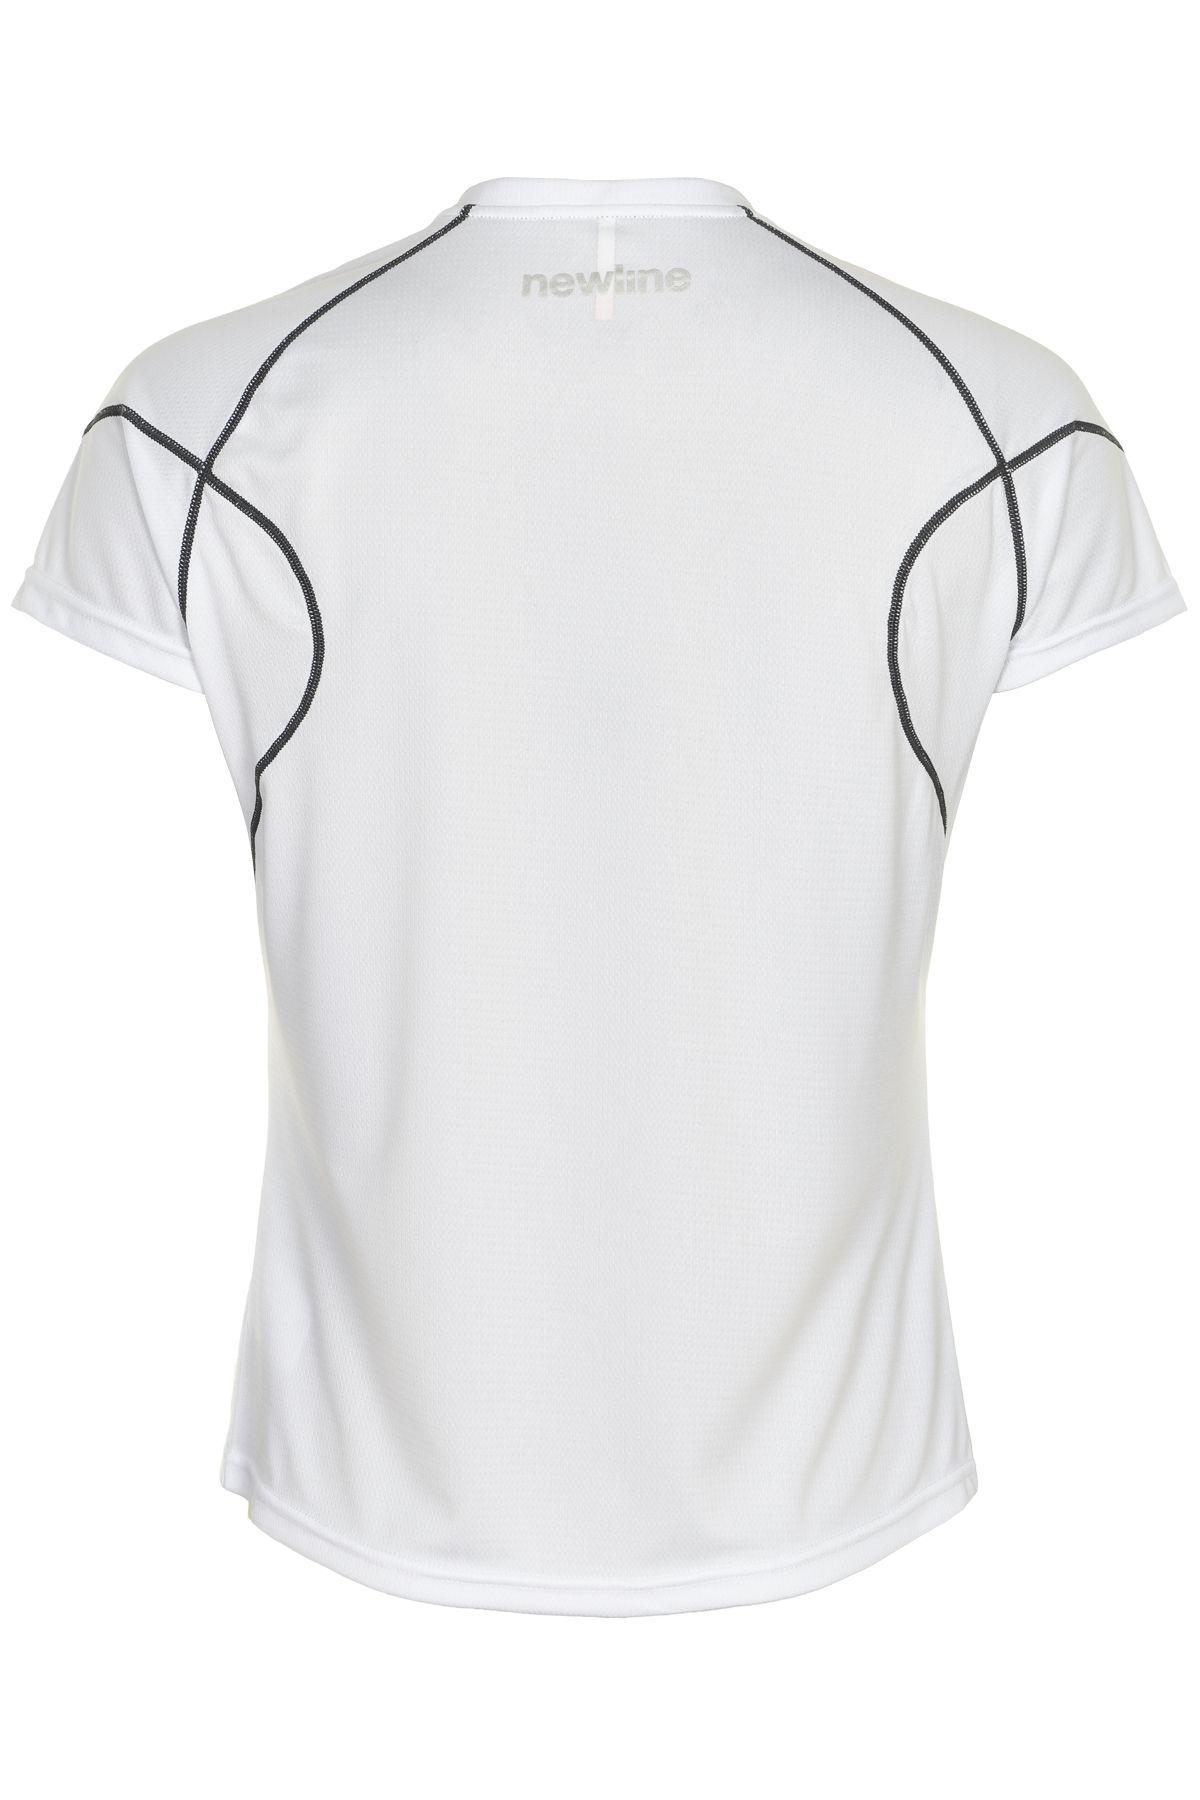 Newline W Core Coolskin t-shirt, white, x-small